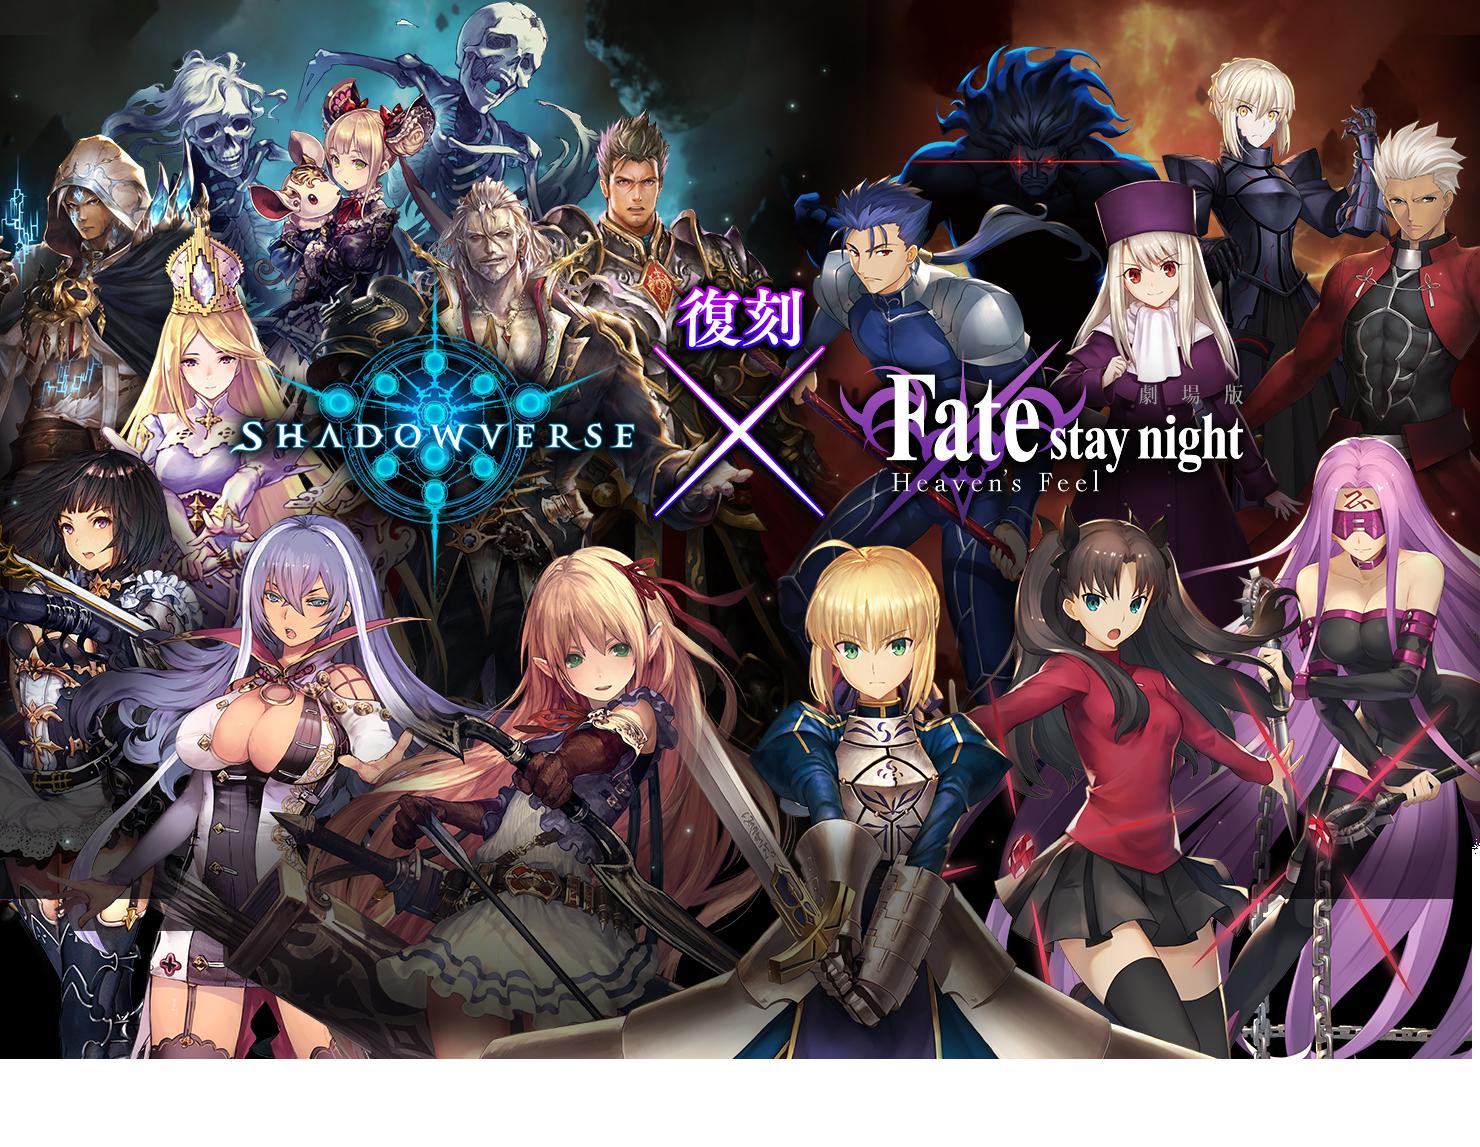 劇場版「Fate/stay night[Heaven's Feel]」と「Shadowverse(シャドウバース ...